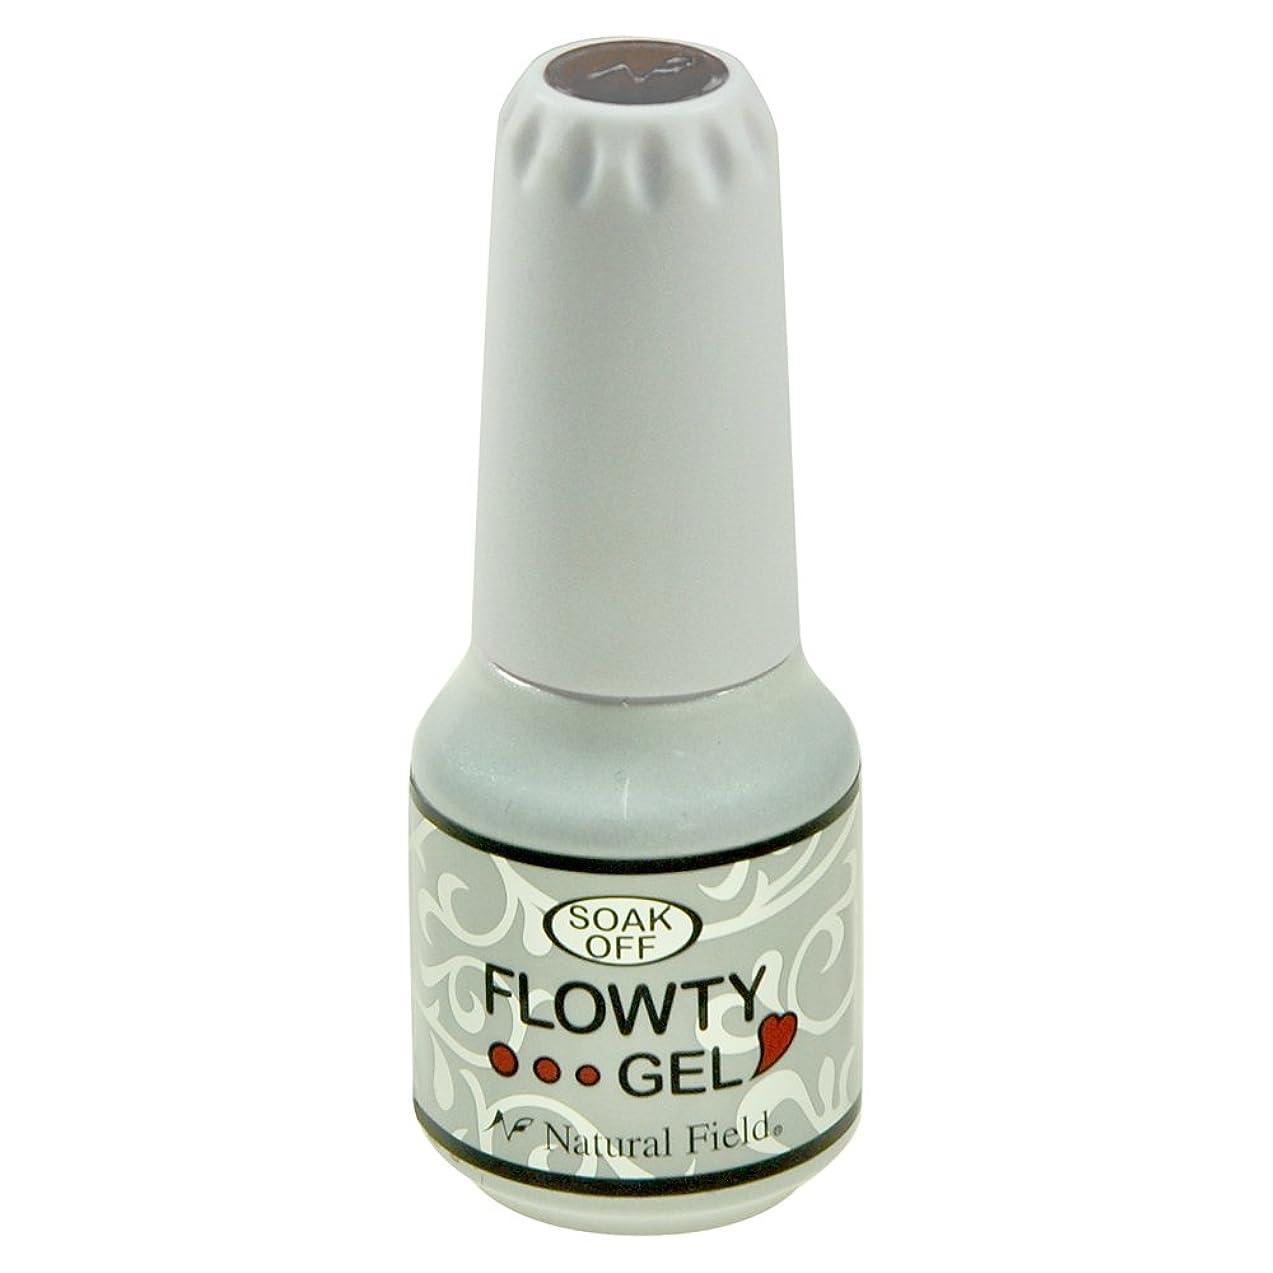 流体トロリーバス摂氏度Natural Field Melty Gel フローティジェル 4103 キャンキャン 7ml UV/LED対応 カラージェル